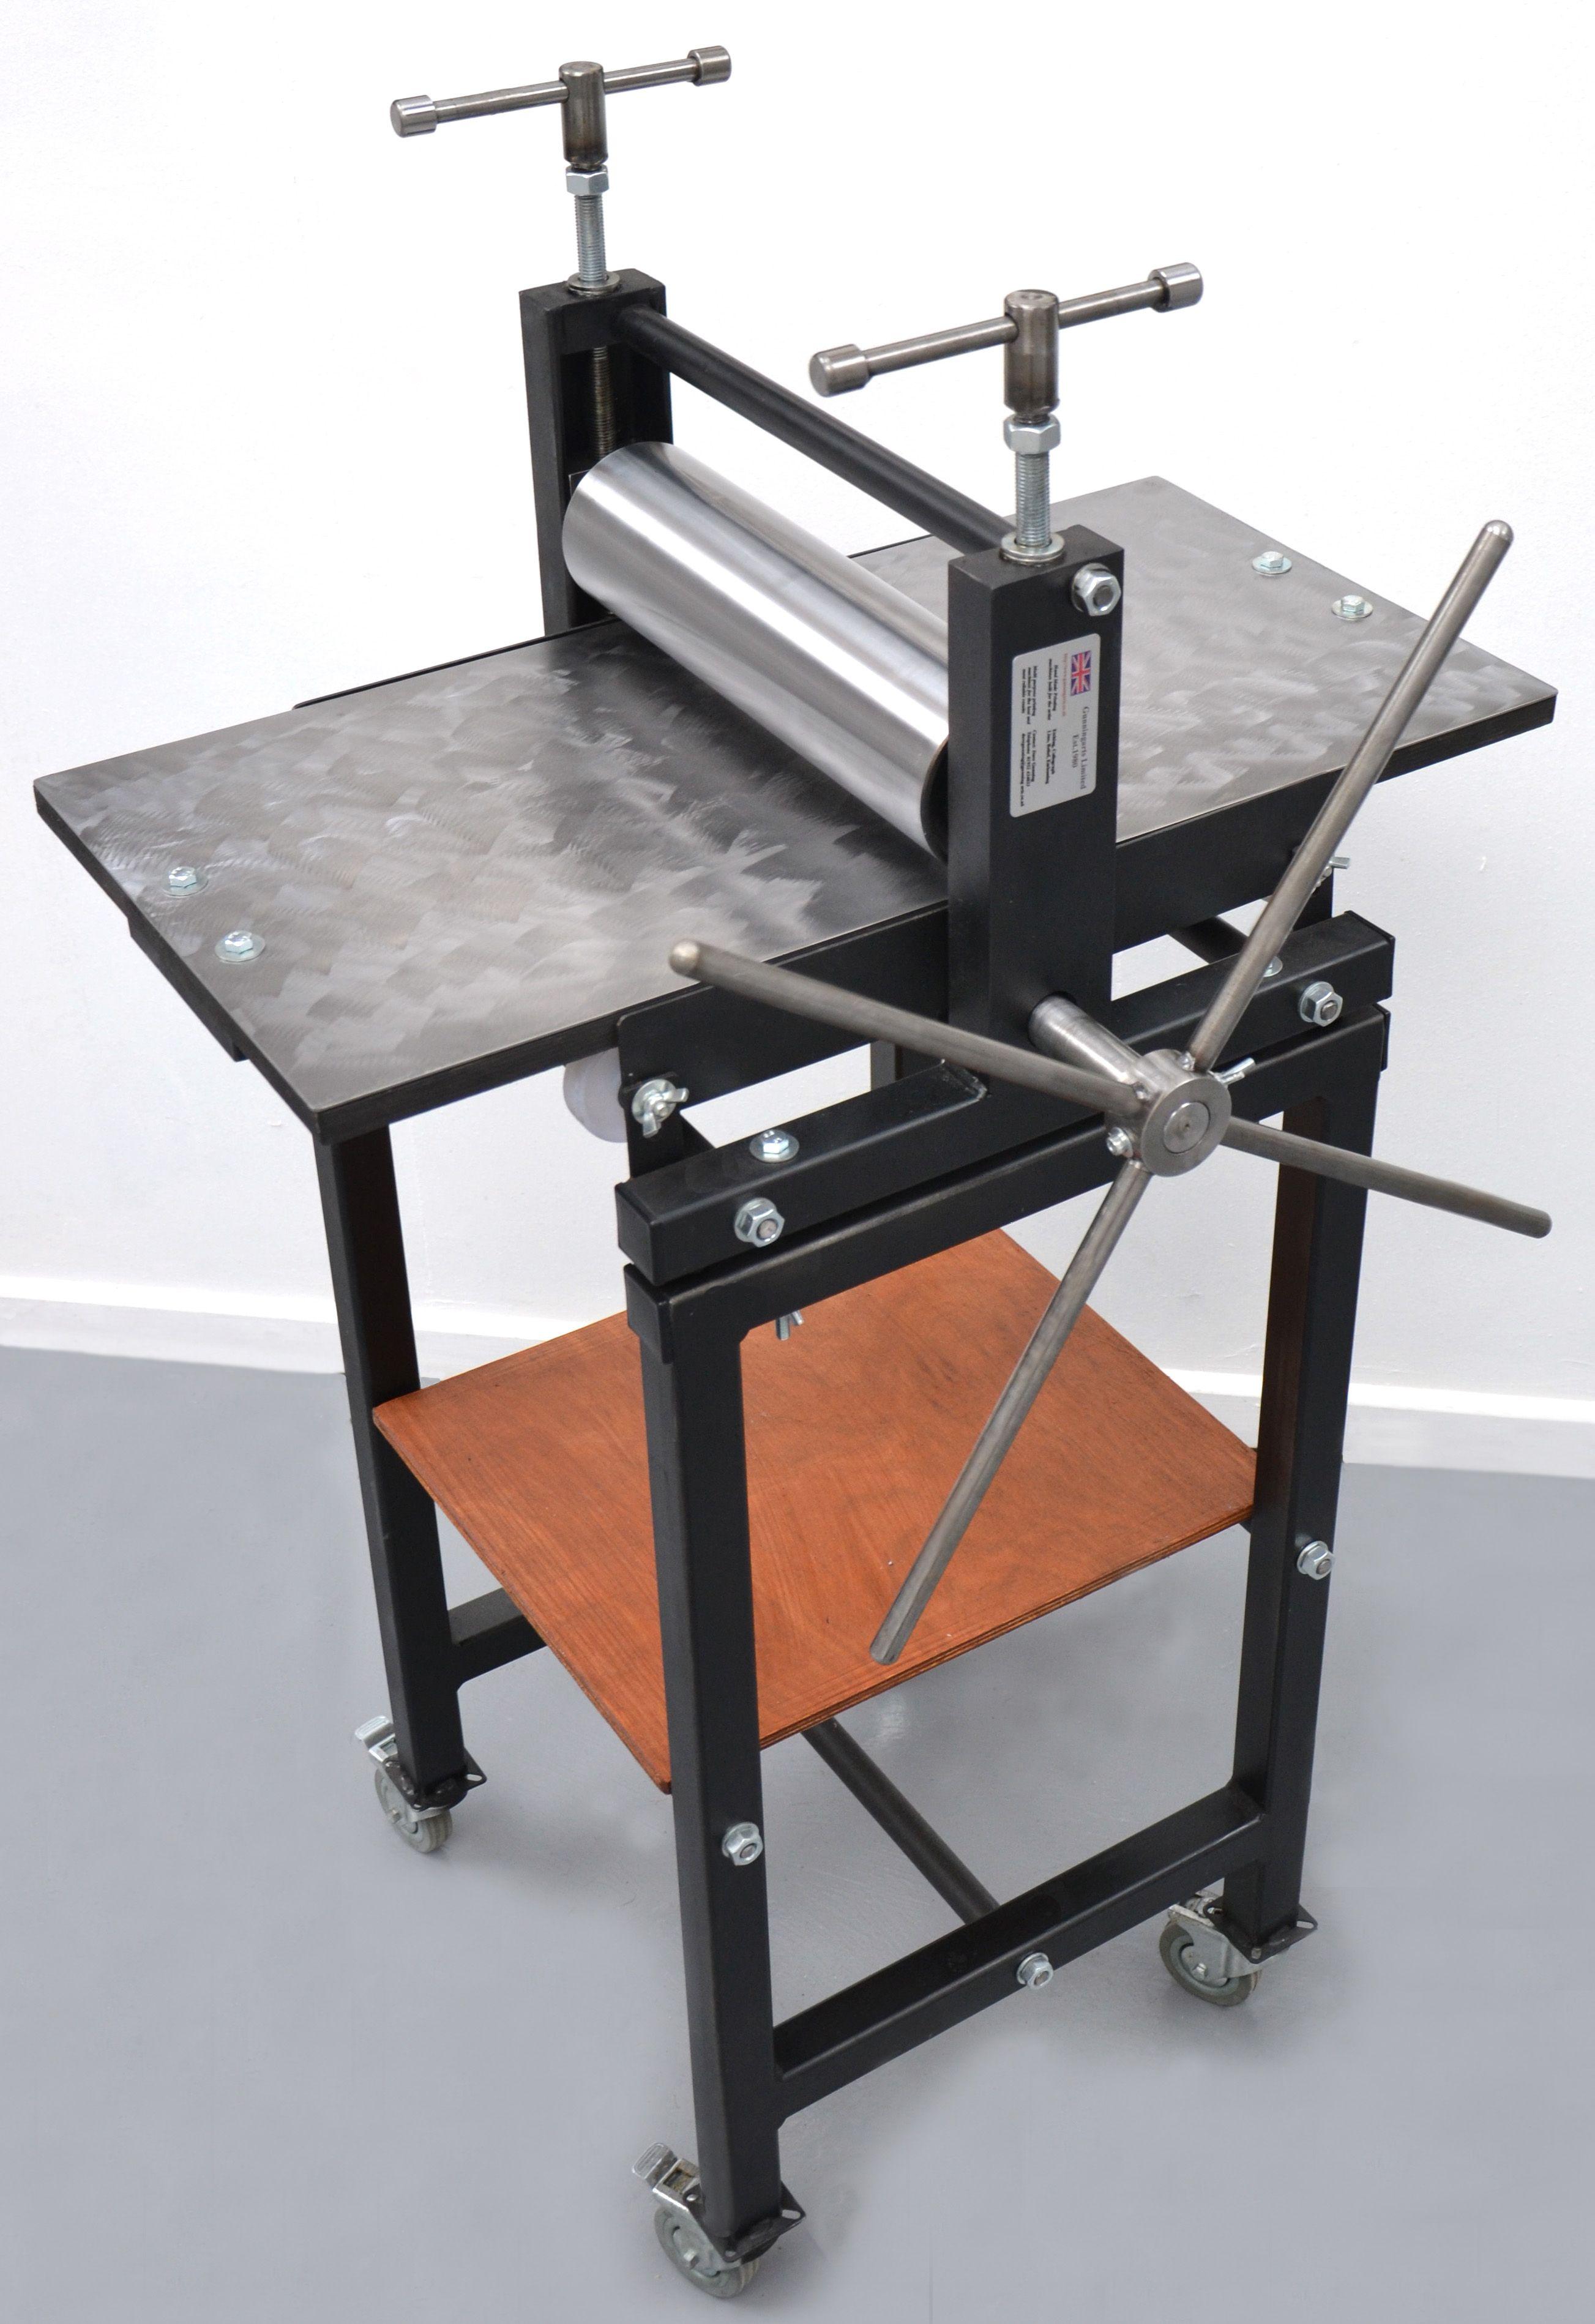 ViaGasaFamido Troqueladora 7 Piezas de 20-50 mm de Cuero Cuadrado Artesanal DIY Molde de Corte de Cuero para artesan/ías de Cuero